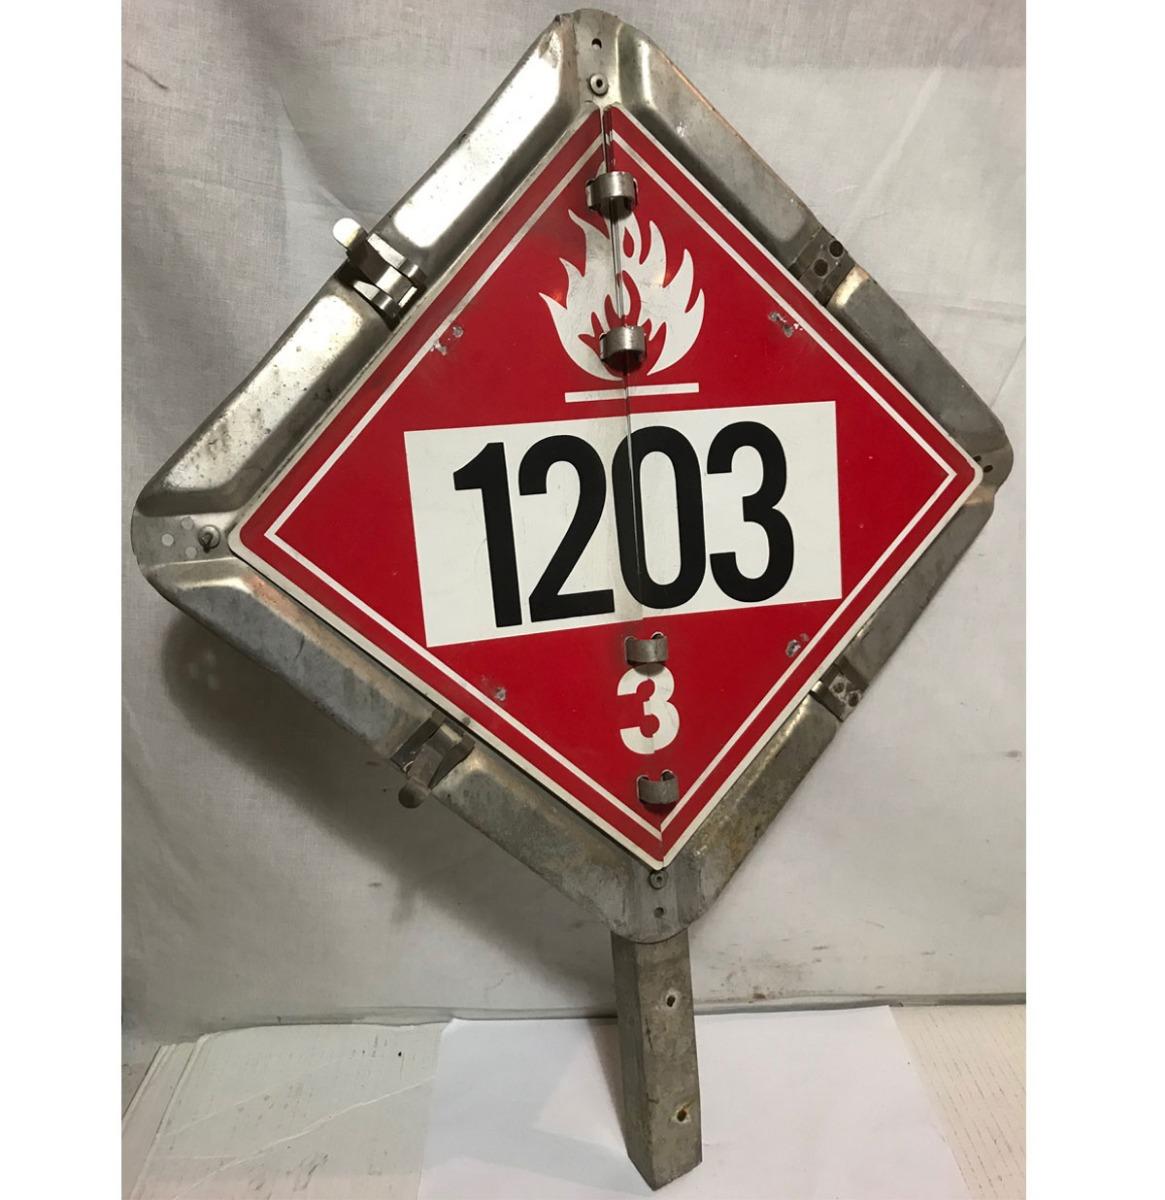 Truck Hazardous Metalen Straatbord - Origineel